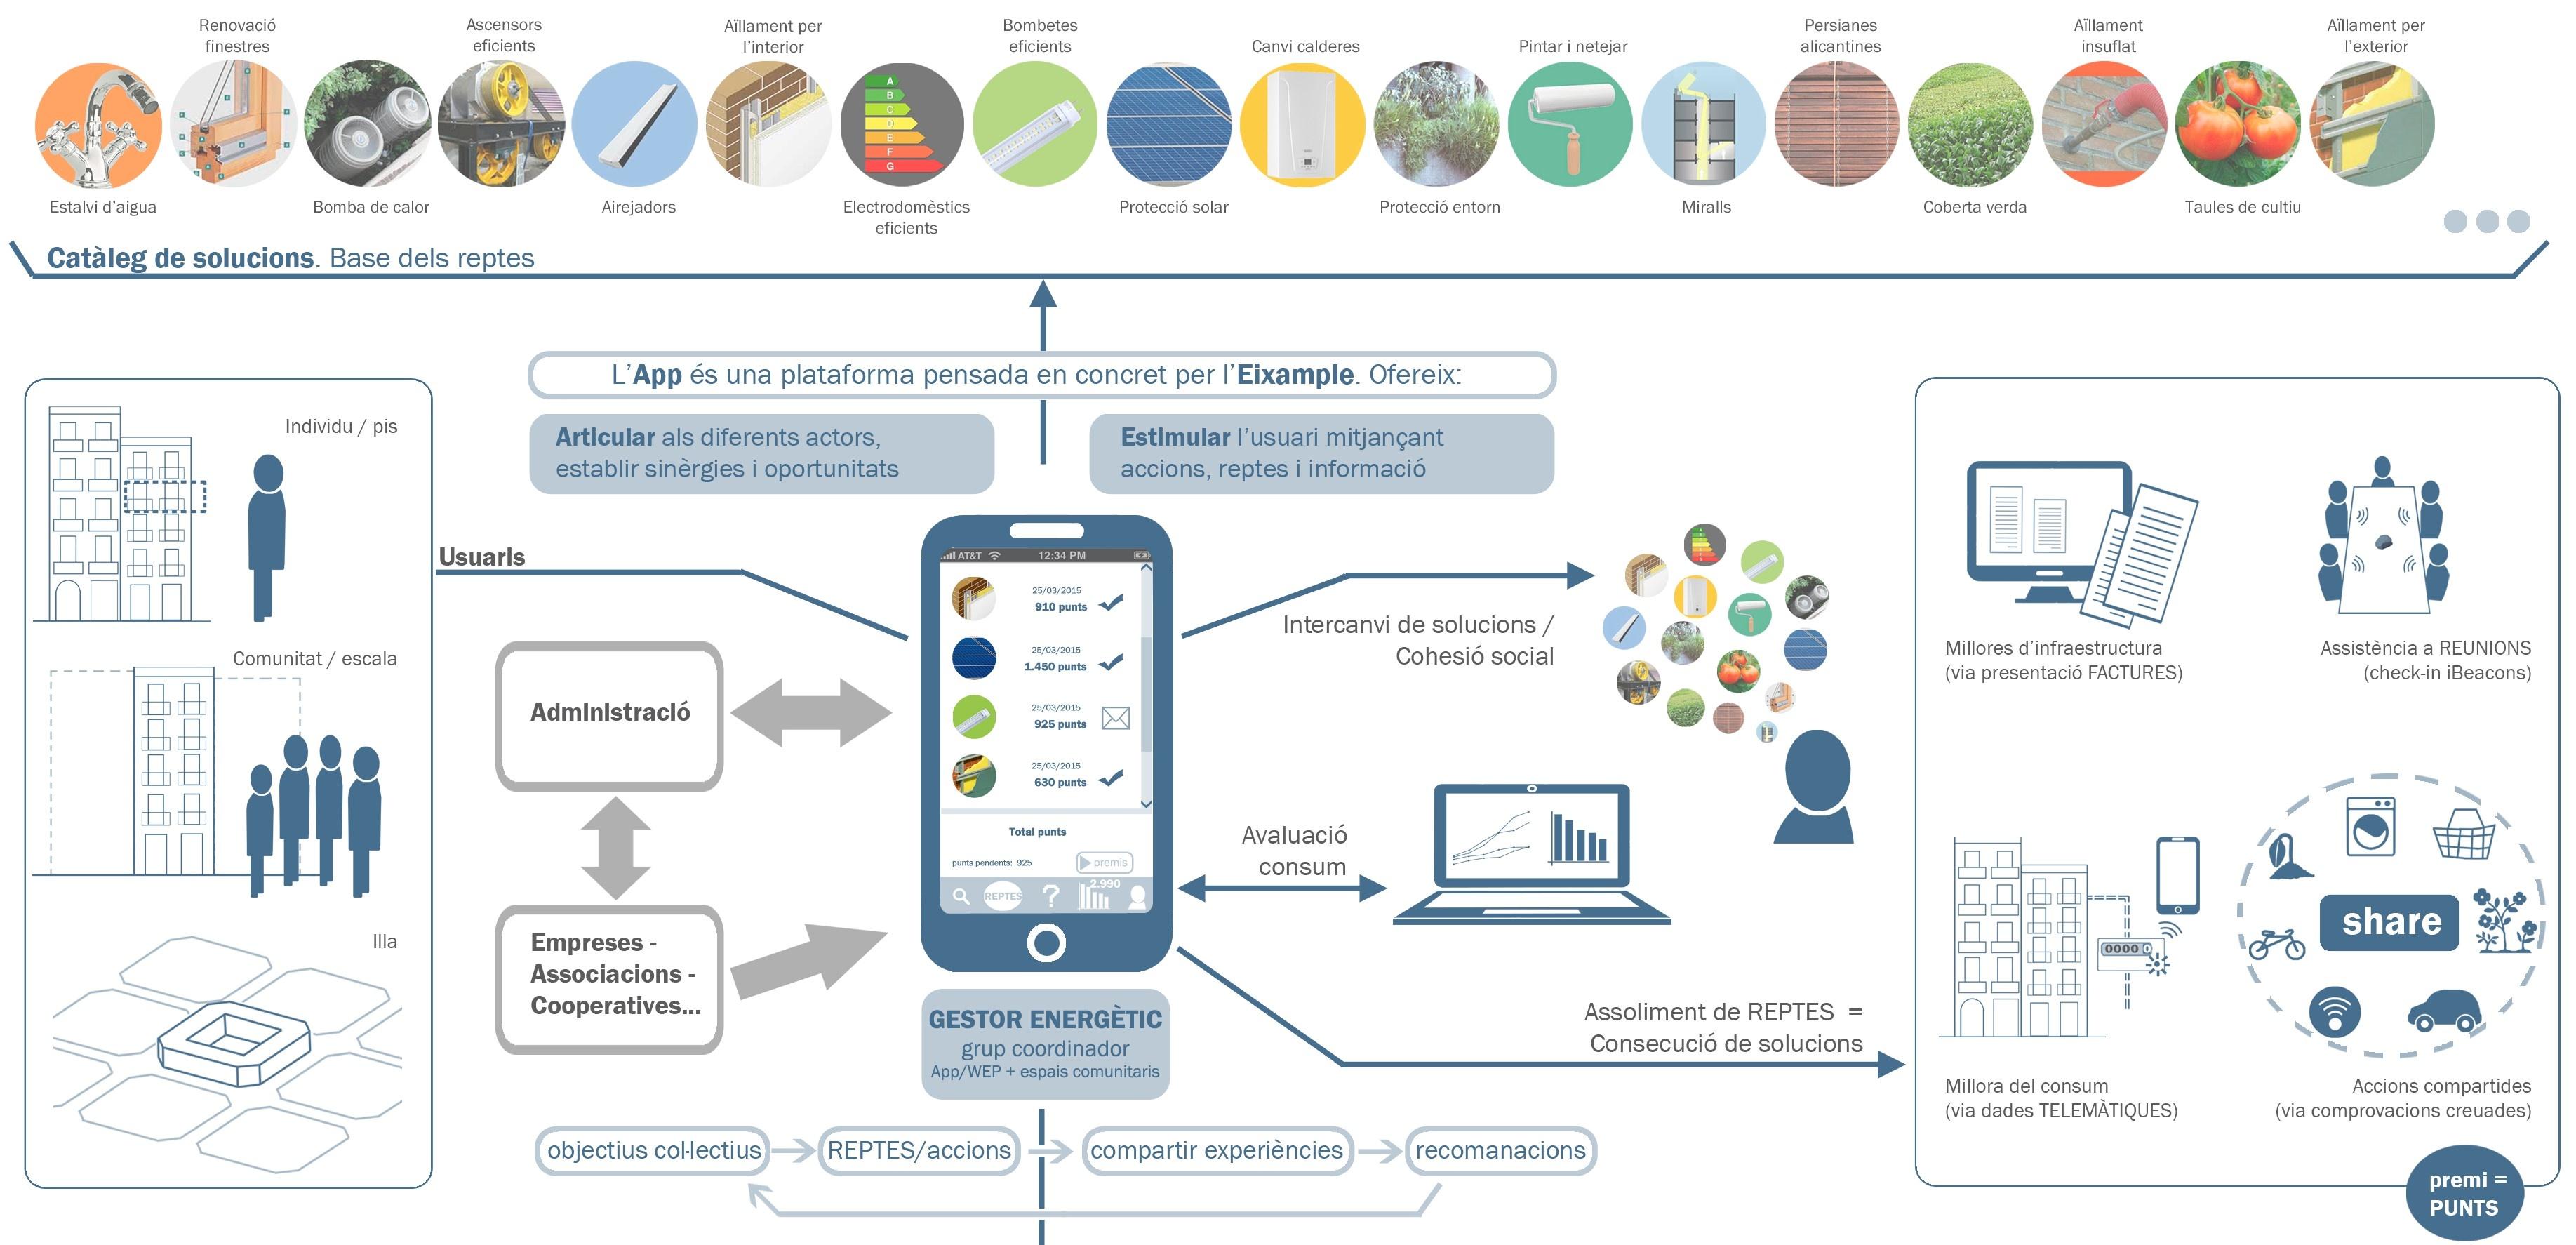 app-eficiencia-energética